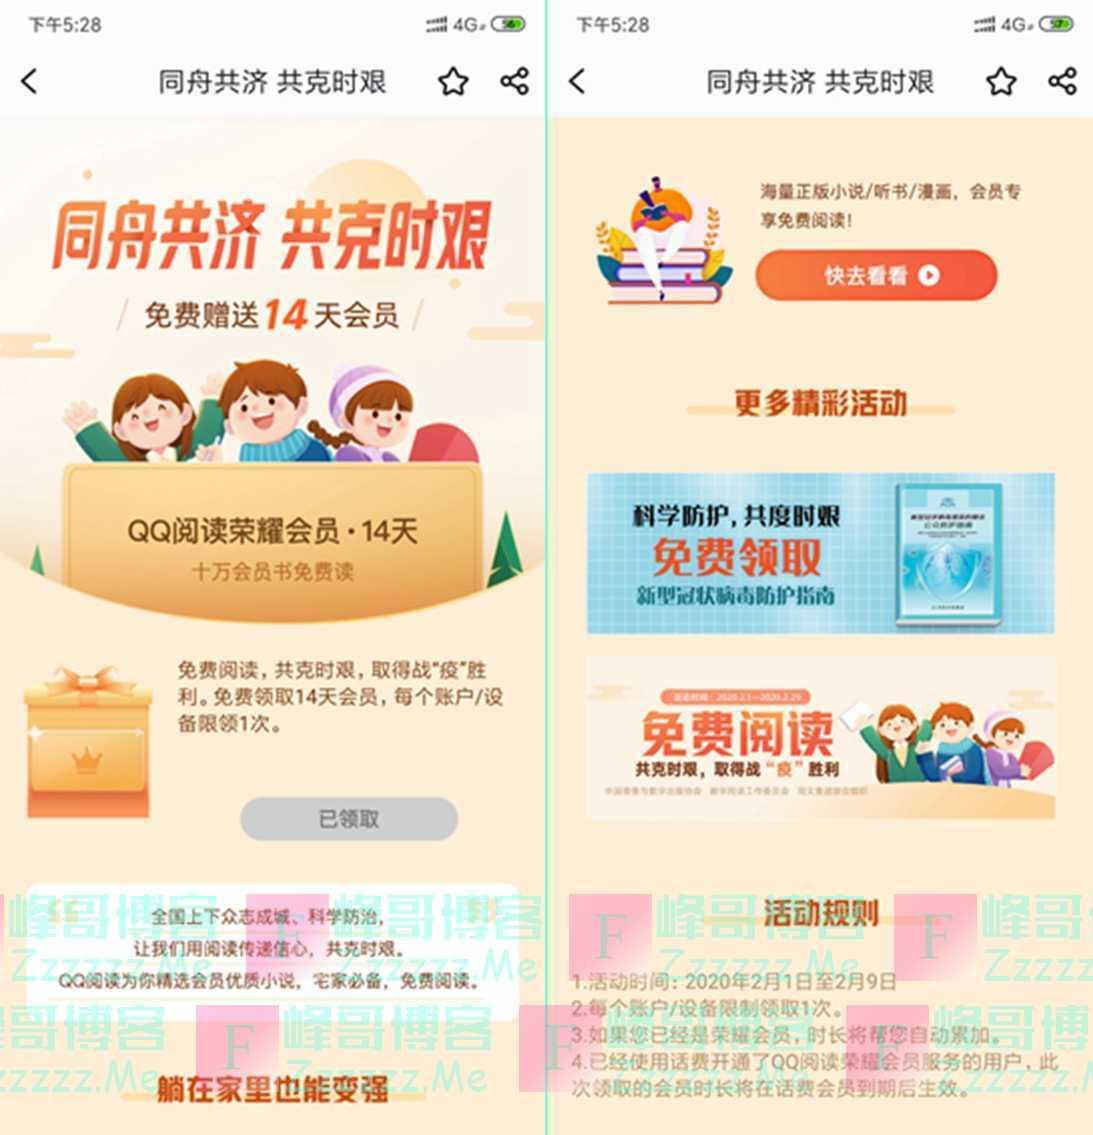 腾讯QQ阅读同舟共济共克时艰活动 免费领取14天QQ阅读荣耀会员